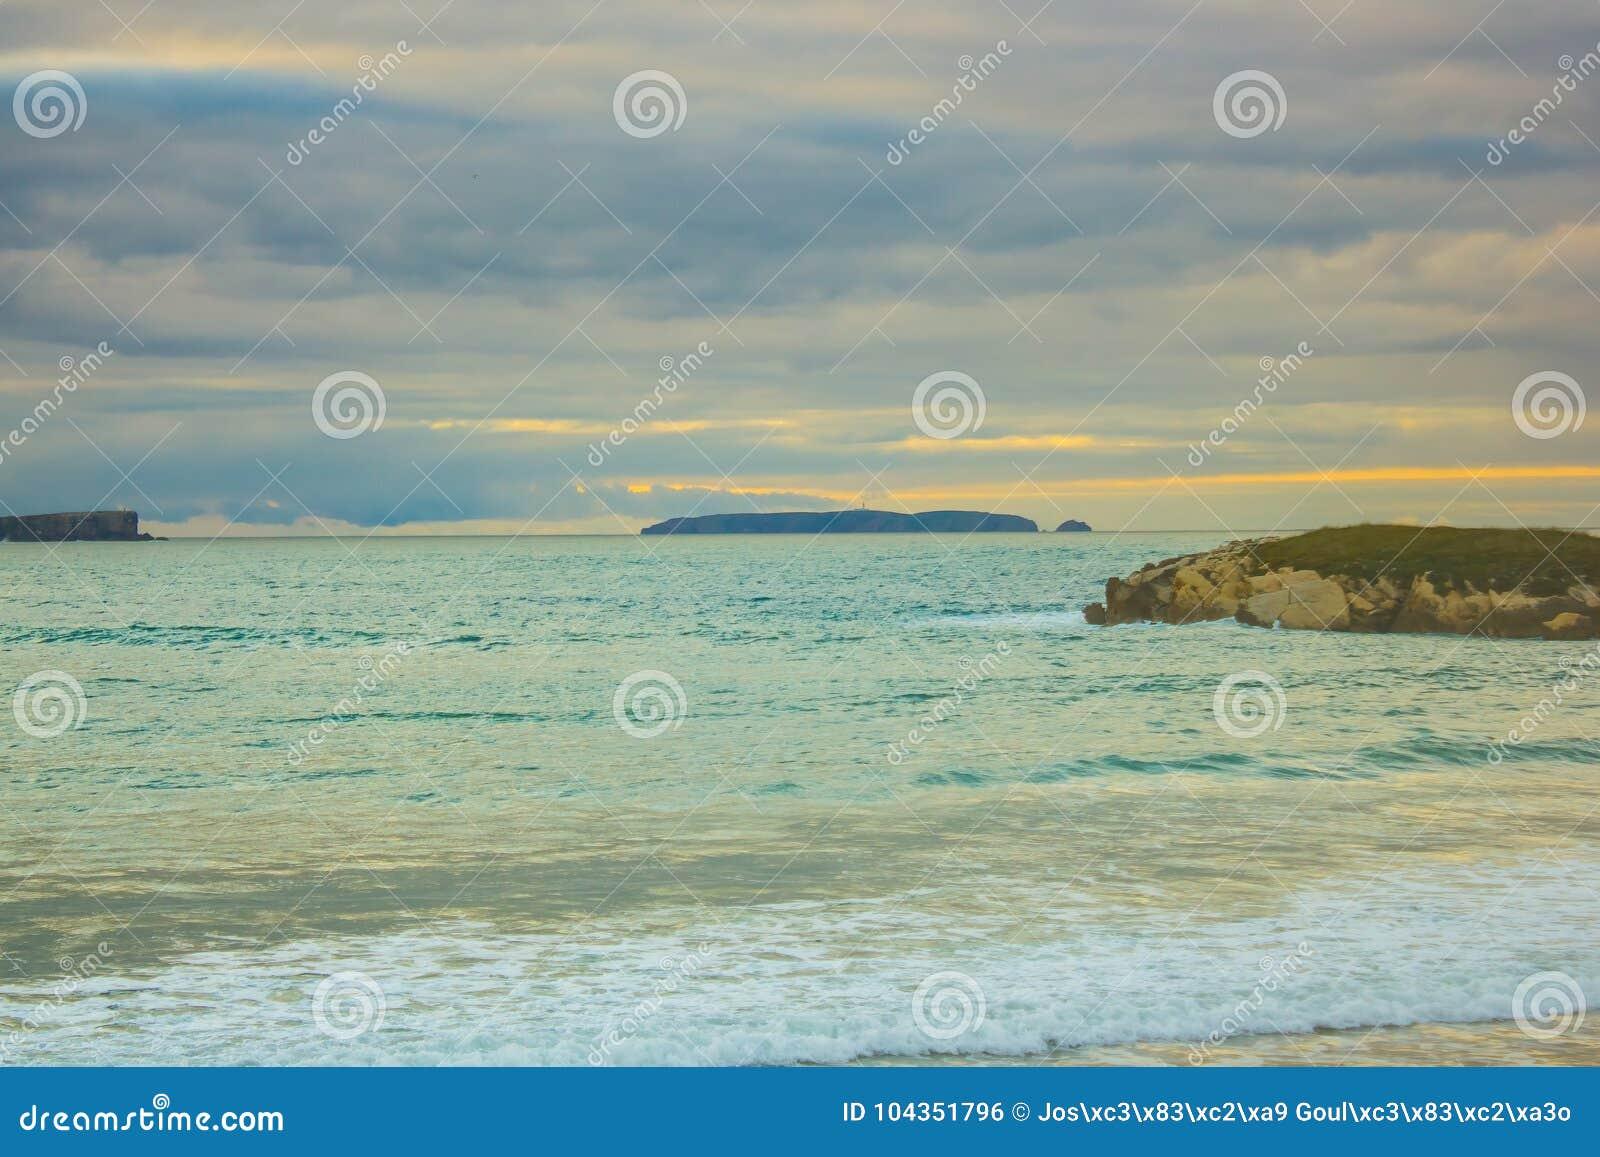 Isla de Berlenga del portugués en el crepúsculo, mirado de la playa de Baleal